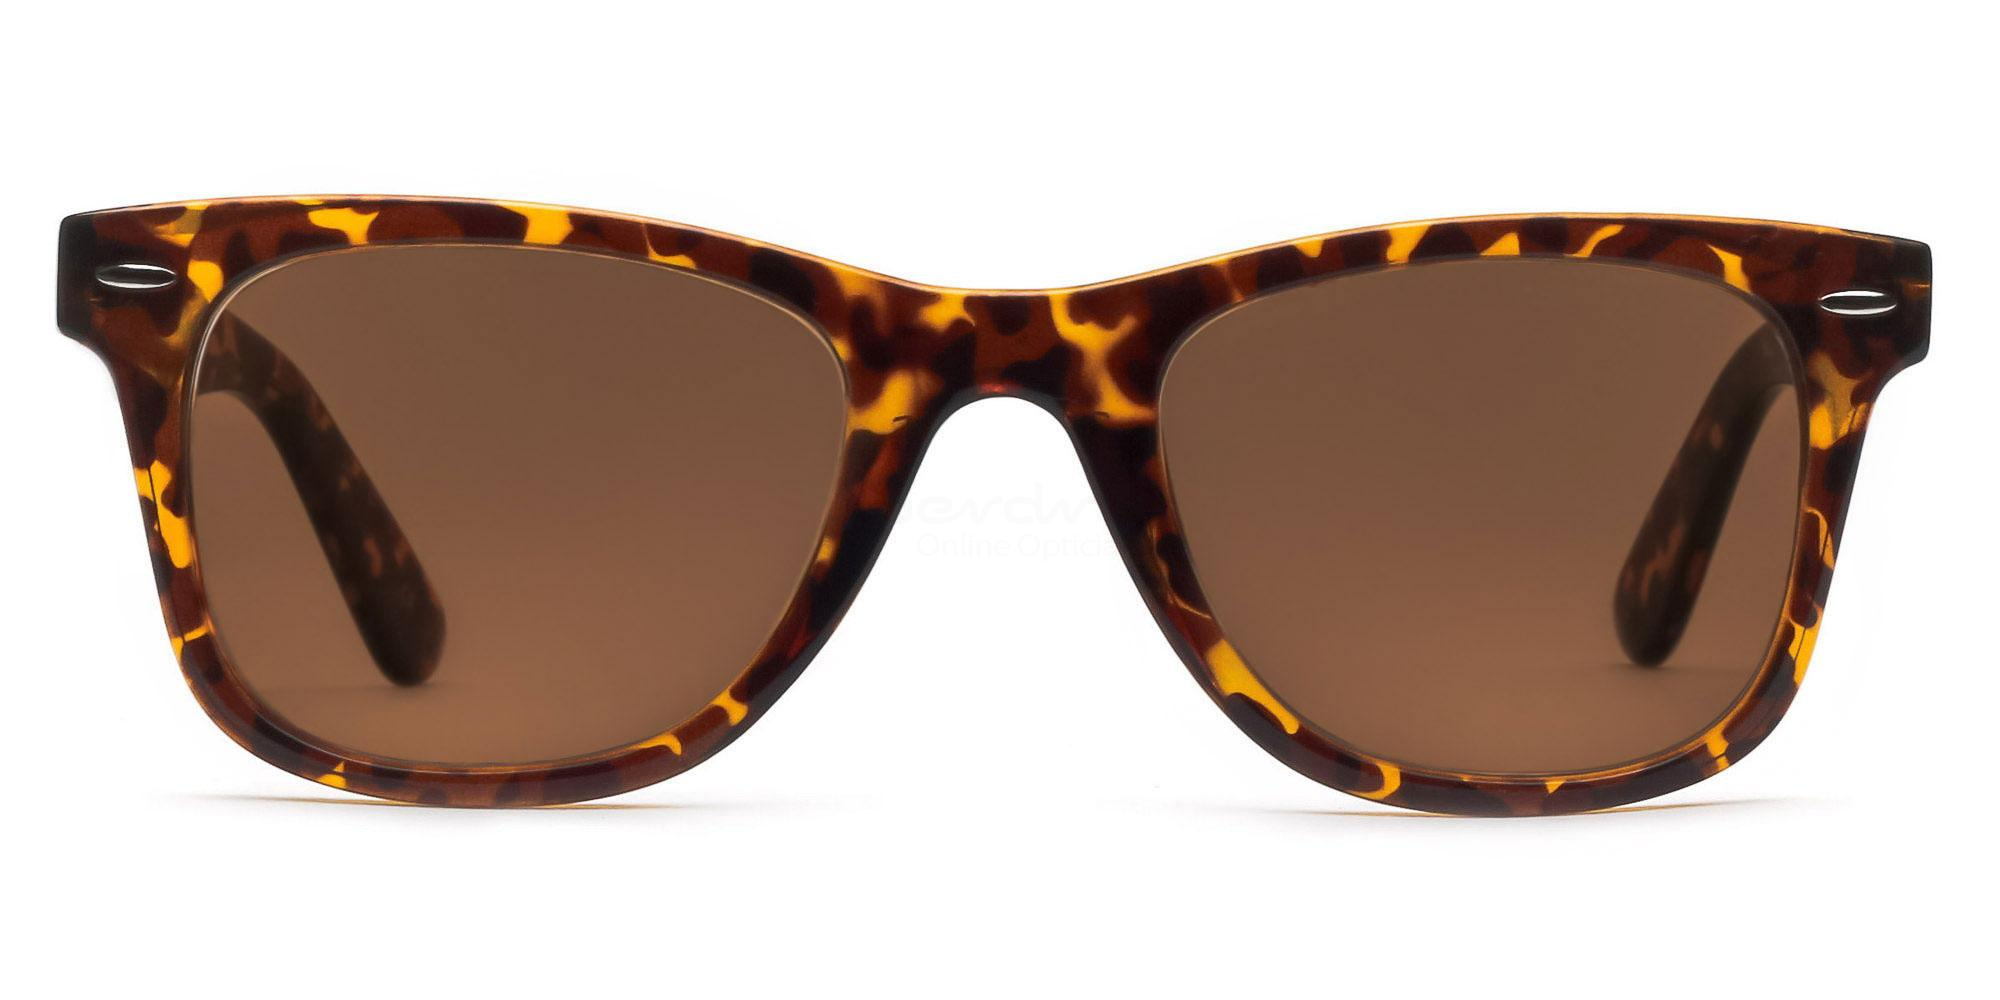 C04 Dark Brown P2429 - Havana (Sunglasses) Sunglasses, Indium